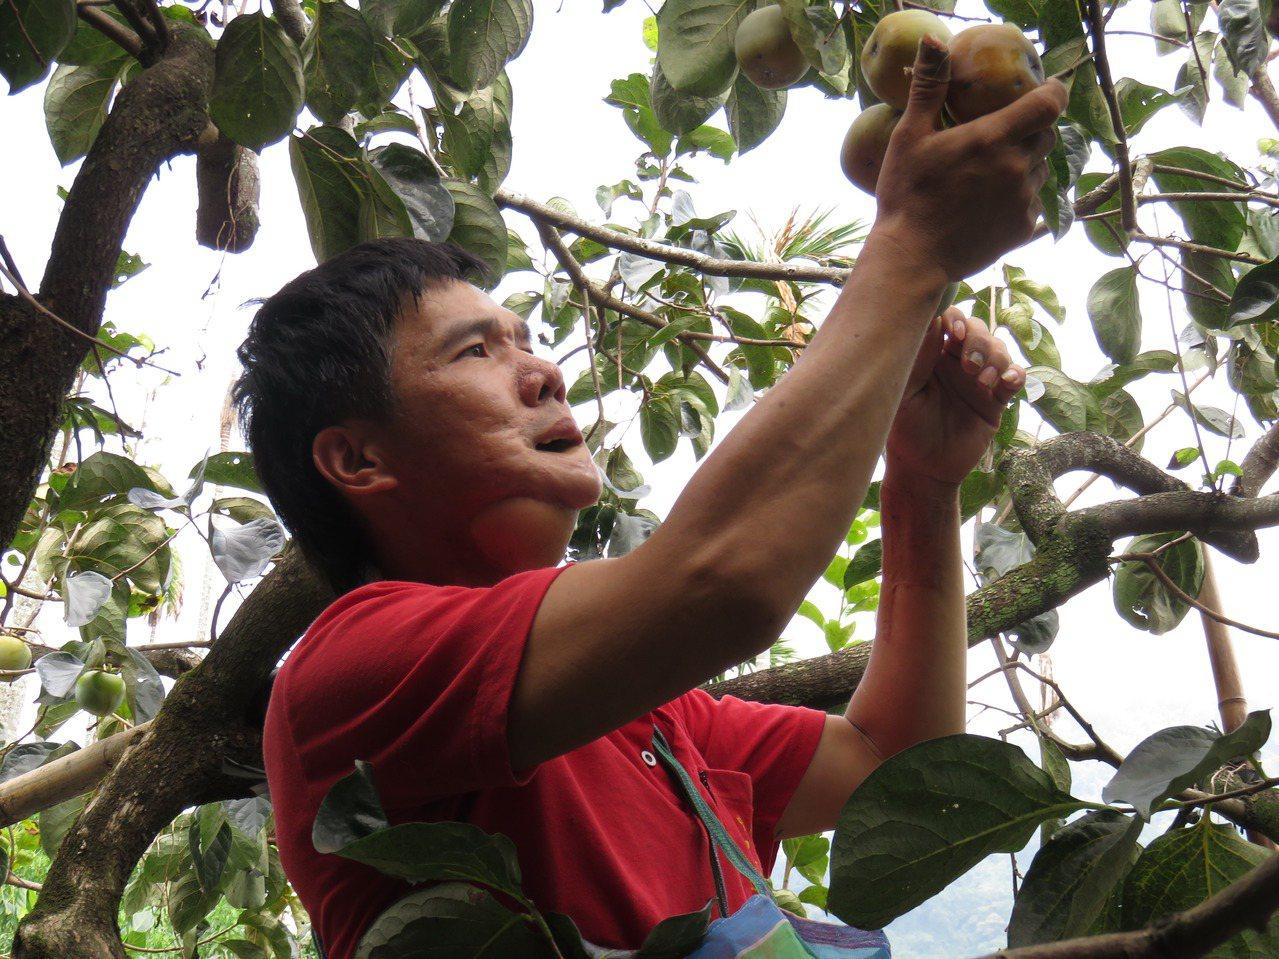 雖然罹患口腔癌,但為了照顧年邁的父母及就讀高中的兒子,鄧大哥依舊賣力地在柿子園內...